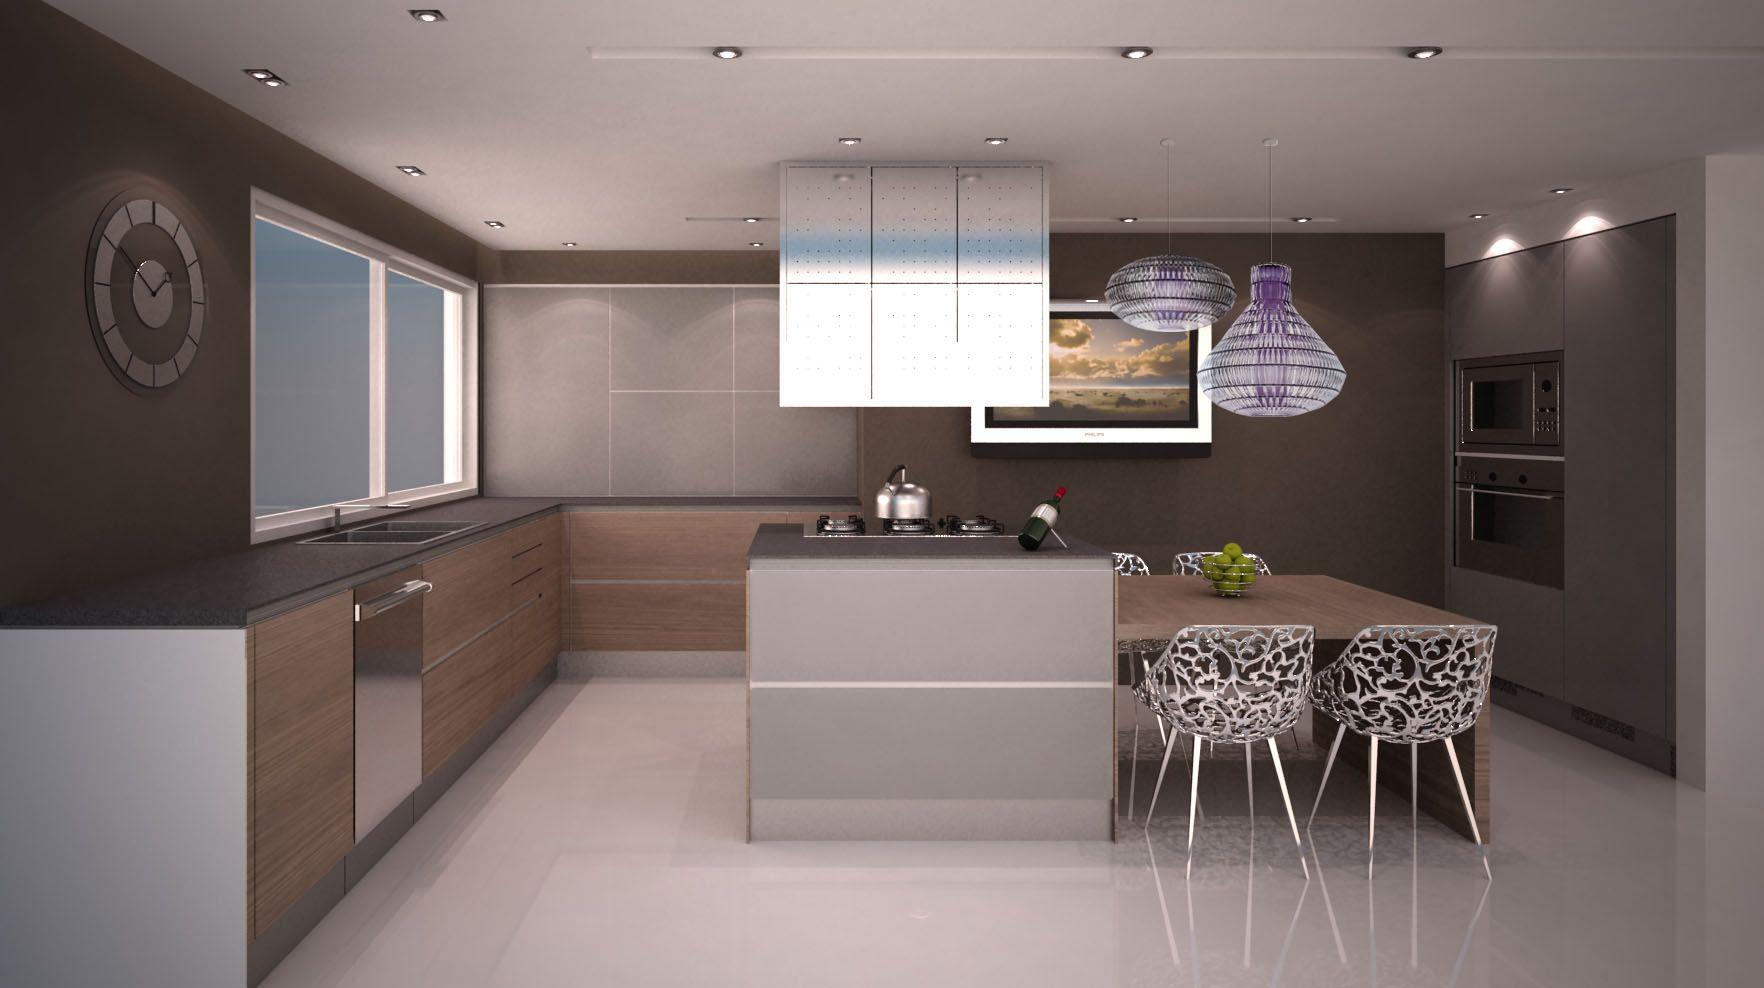 PR9 (proyecto residencial): mobiliario + cocina + iluminación #dgla #maracaibo #render